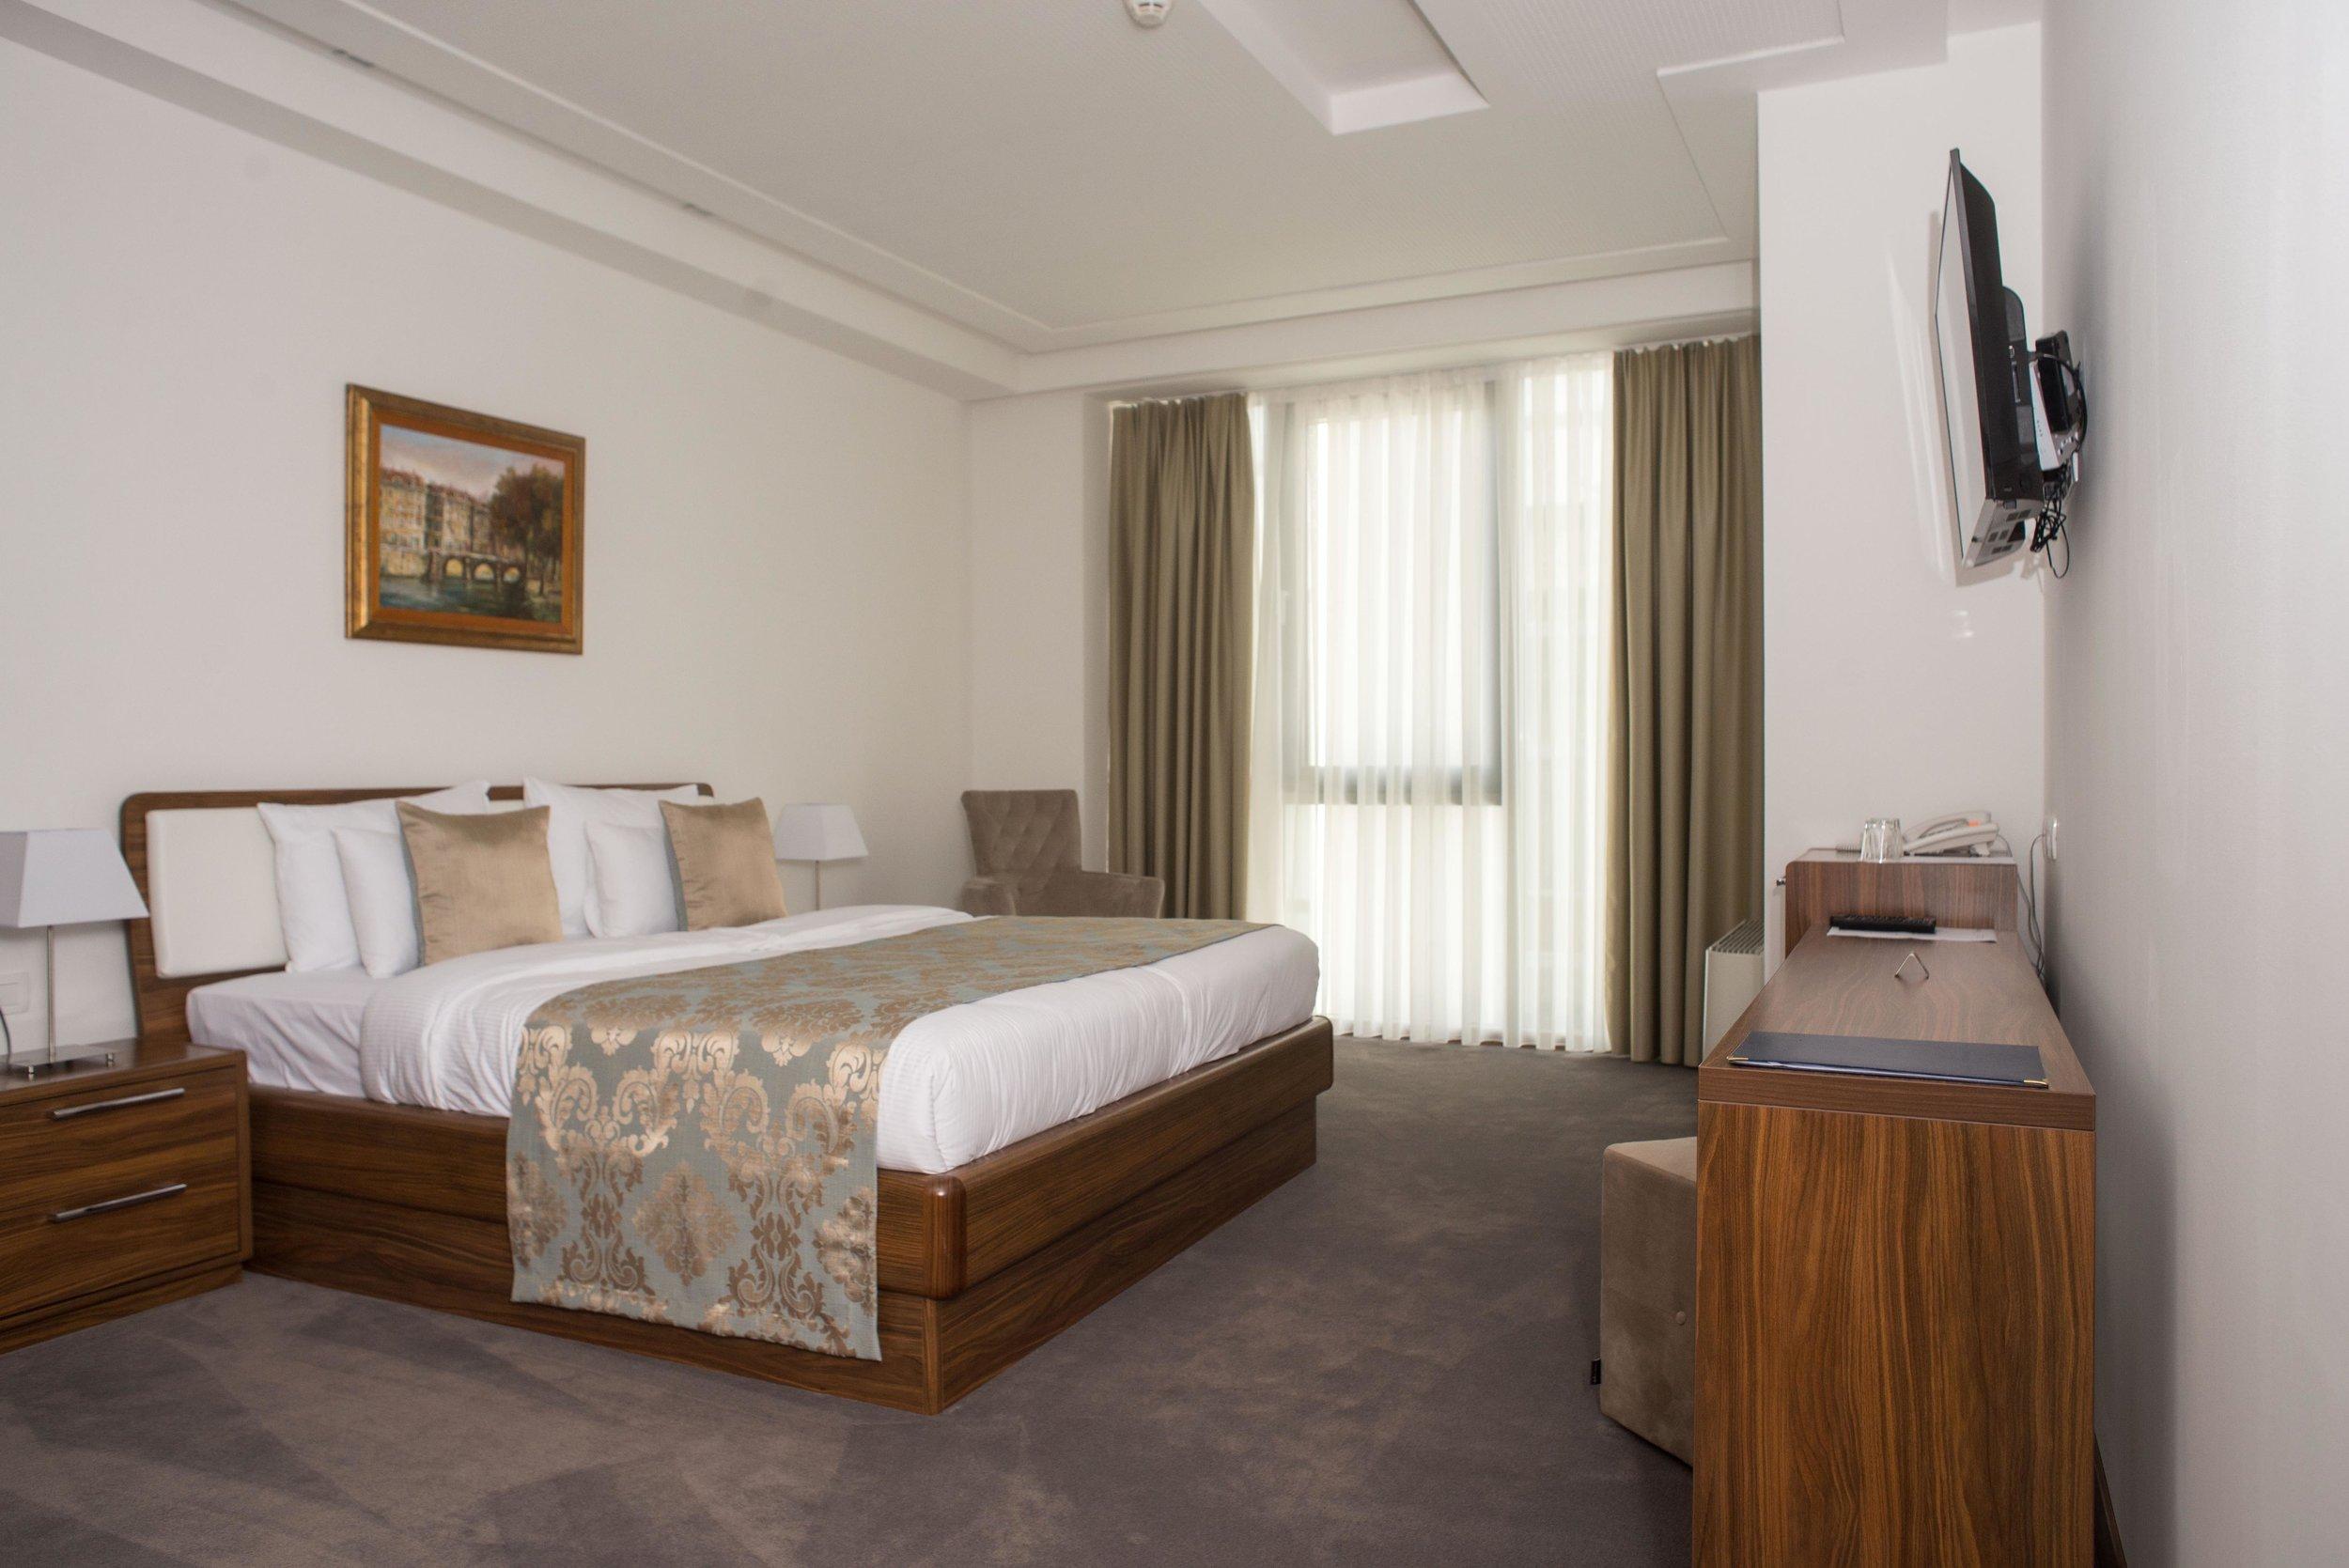 standard - Die klimatisierten und komfortablen Standardzimmer sind ideal für eine oder zwei Personen. Diese Zimmer sind mit Bad und Dusche, Haartrockner, kostenlosen Kosmetikprodukten und Hausschuhen, LED-Kabel-TV, Minibar, Schreibtisch und weiteren Annehmlichkeiten ausgestattet